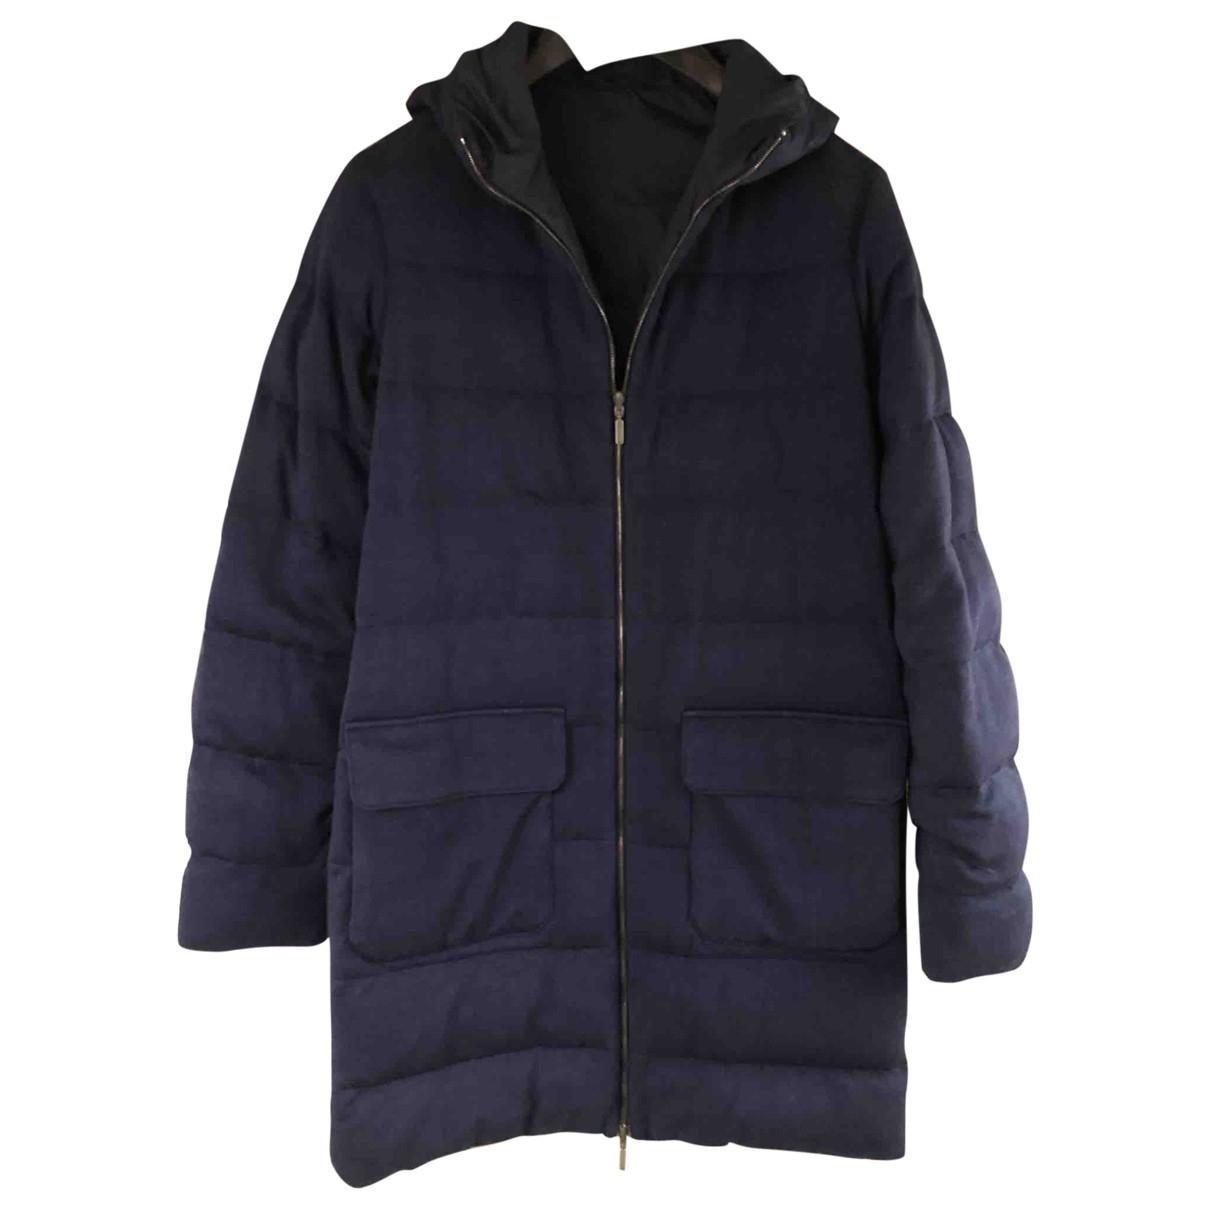 Cruciani - Manteau   pour homme en laine - marine